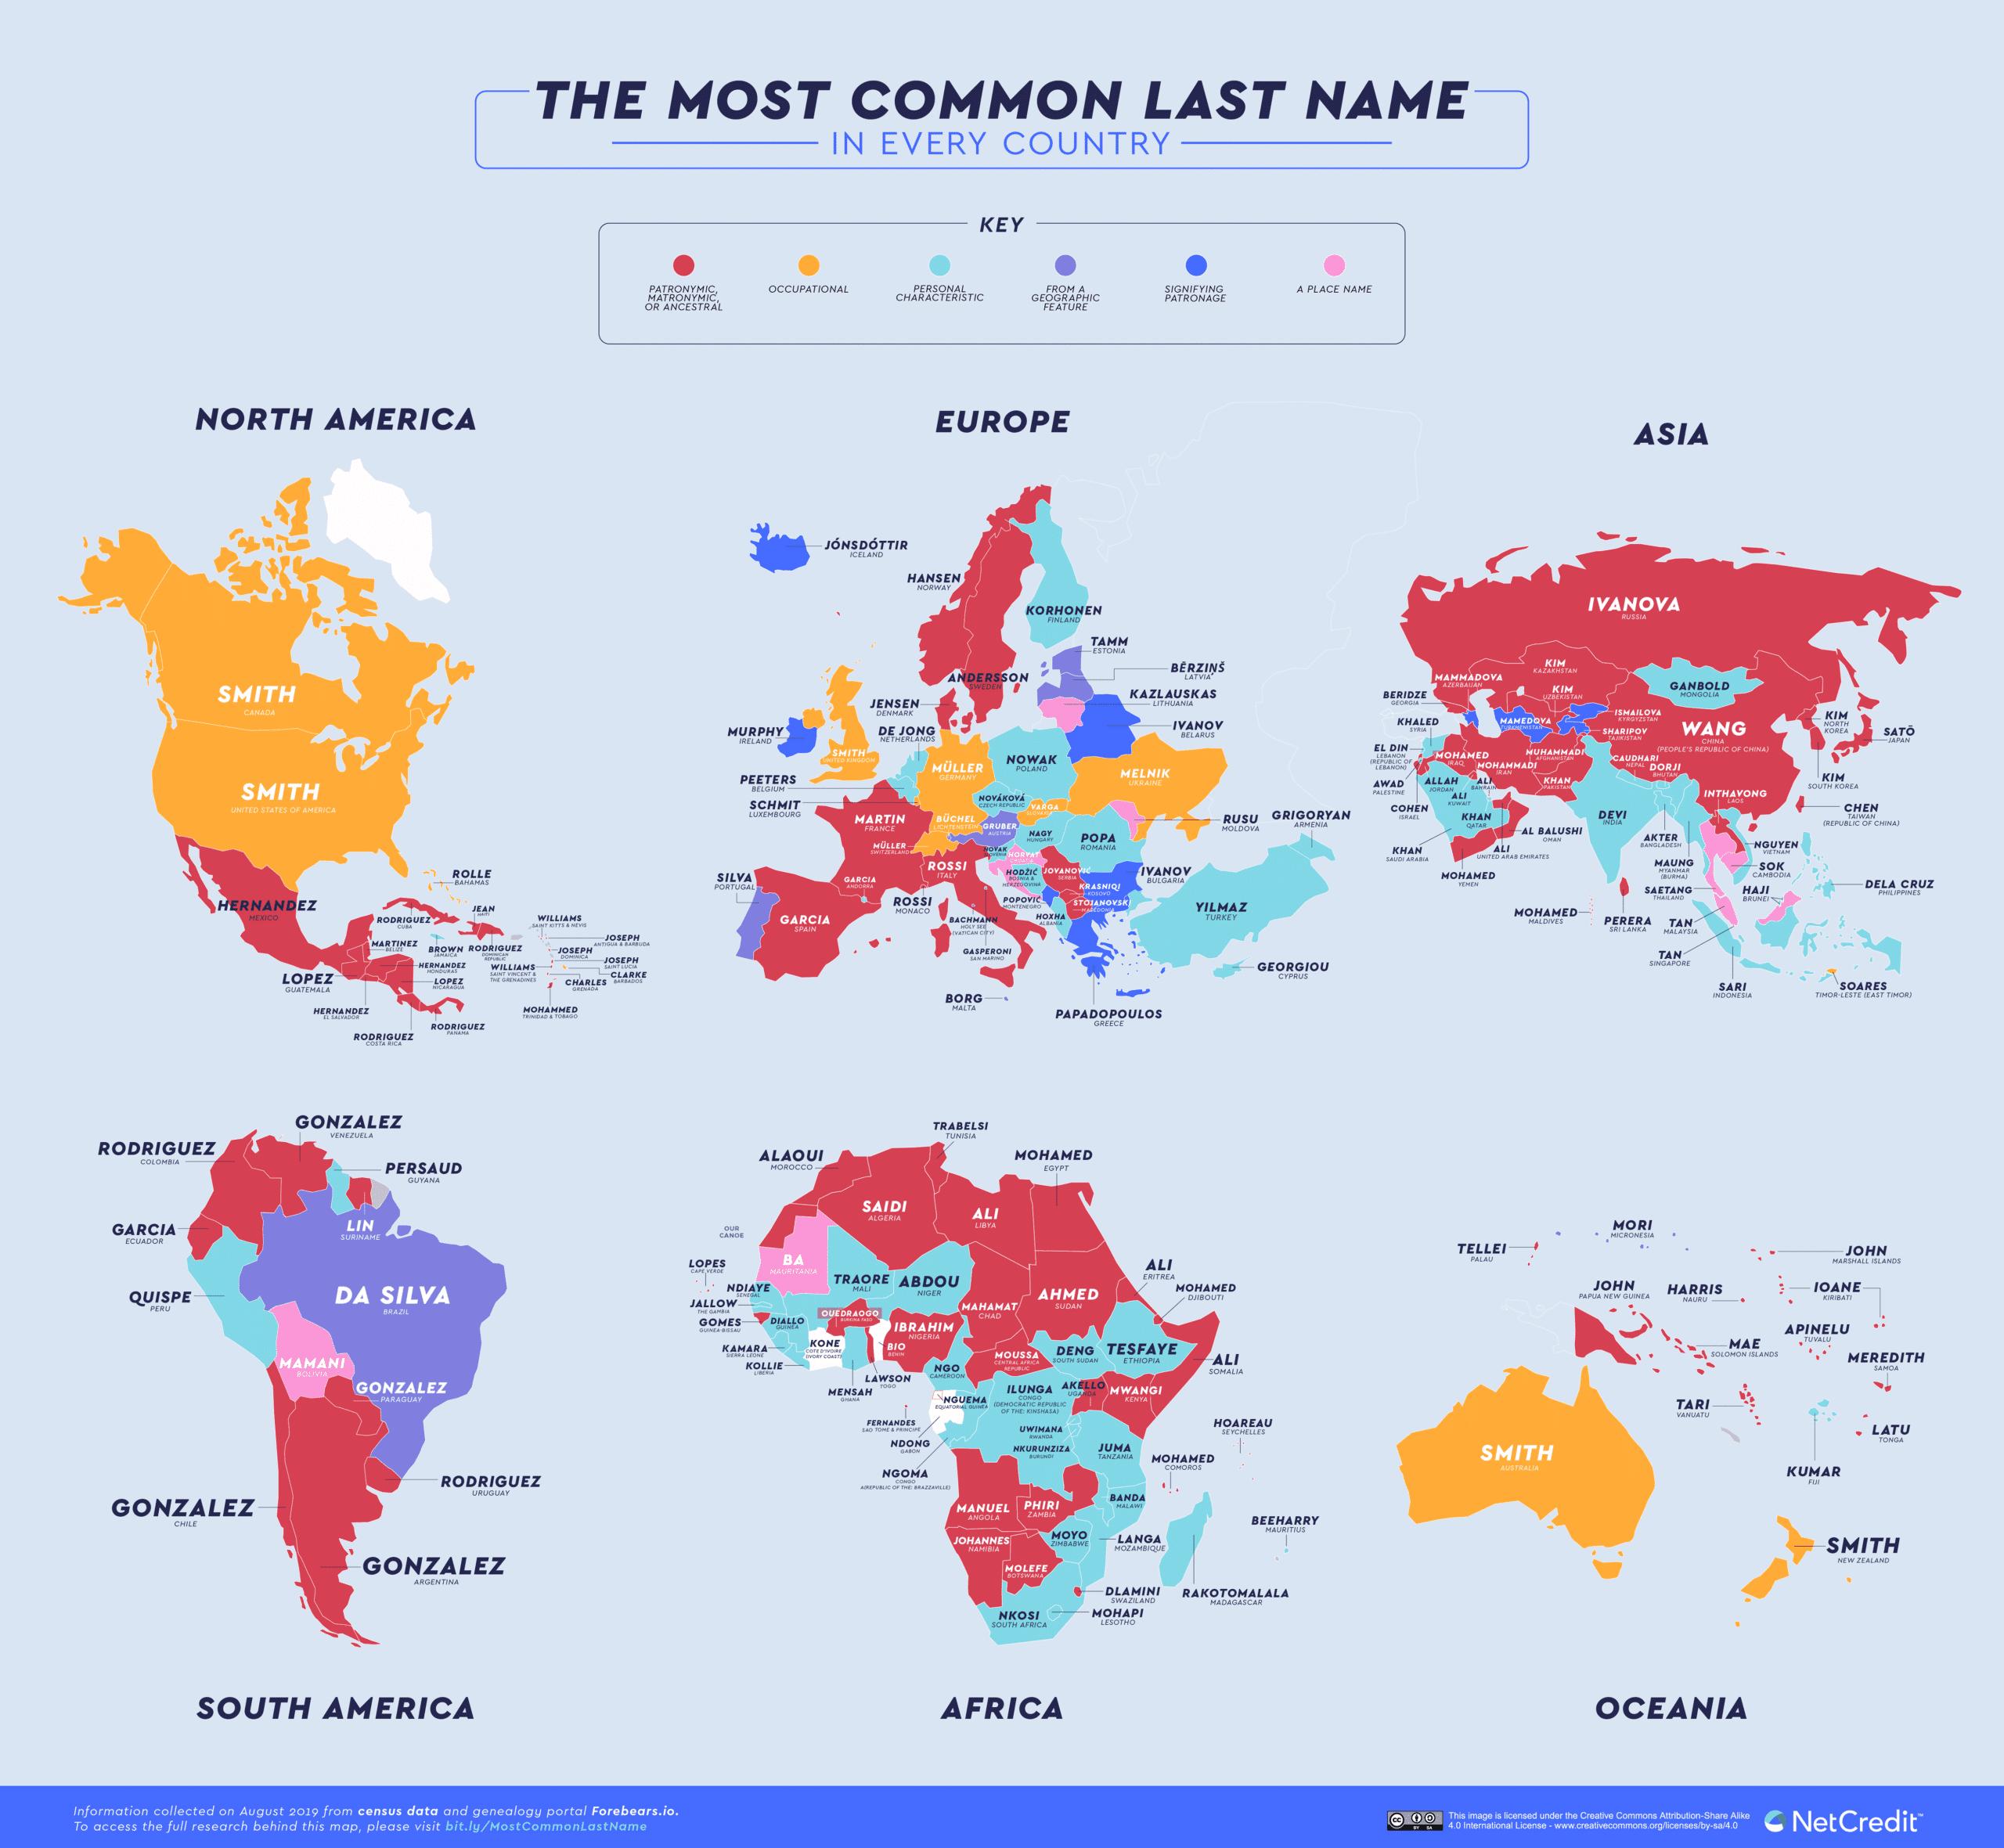 El apellido más común en cada país